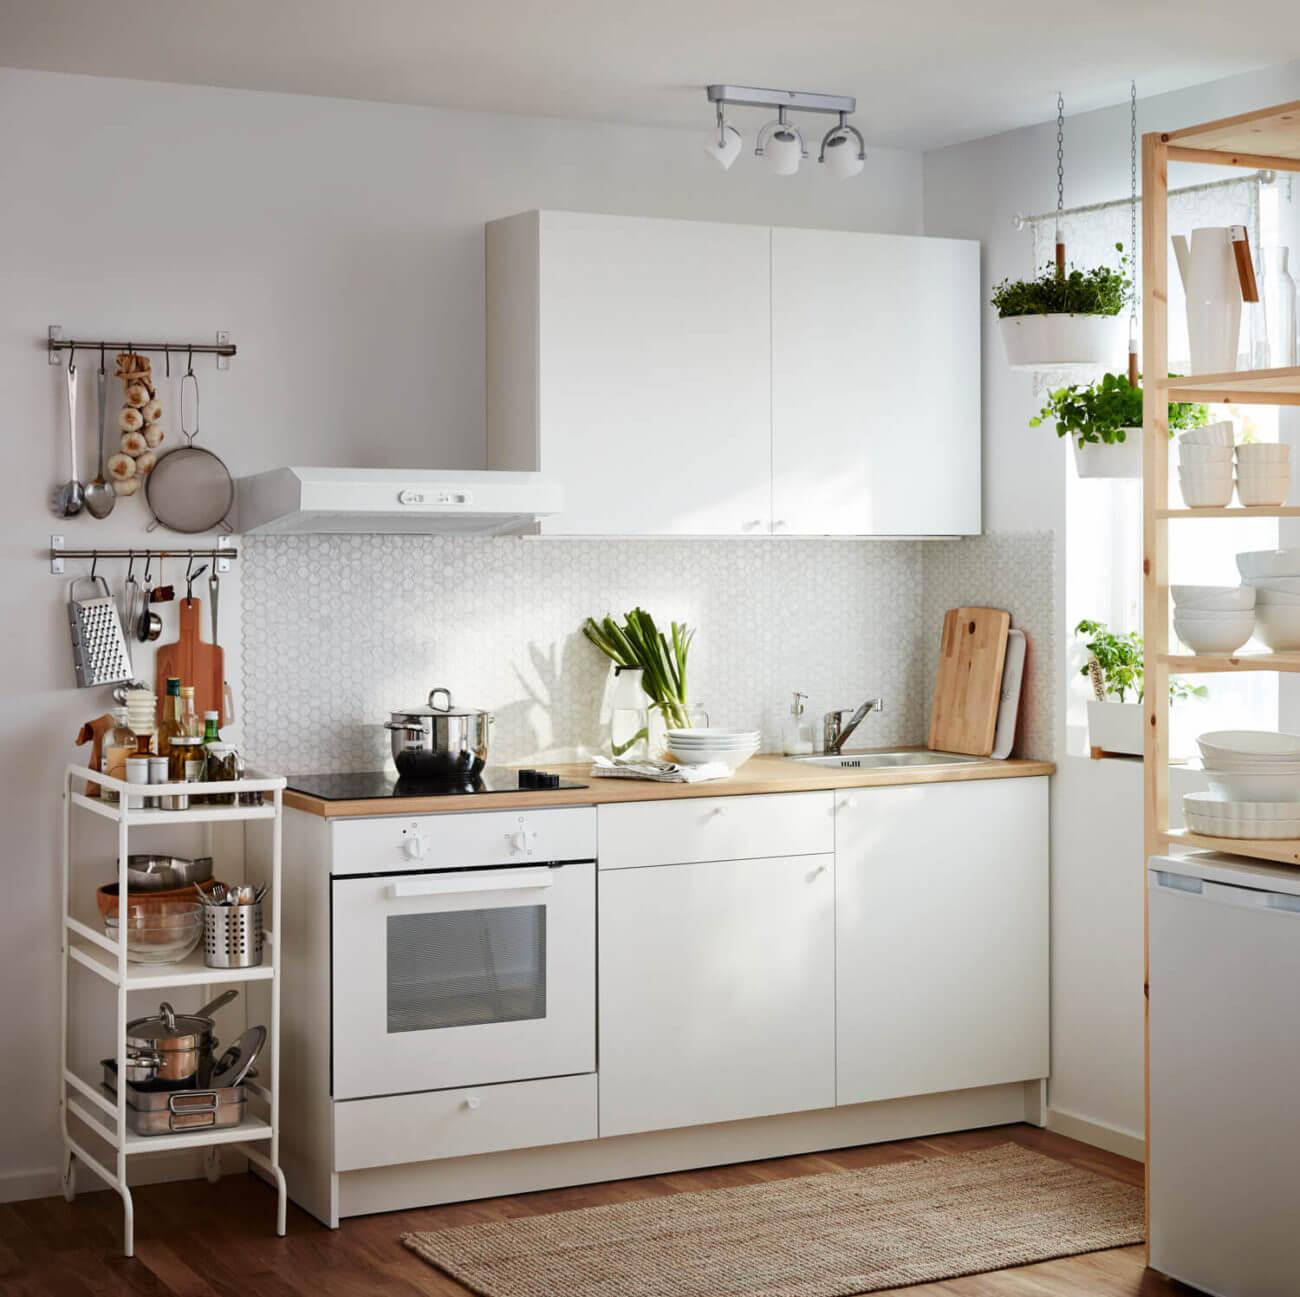 Full Size of Gesunde Büro Küche Büro Küche Mit Spülmaschine Büroküche 180 Cm Küchenzeile Büro Küche Küche Büroküche